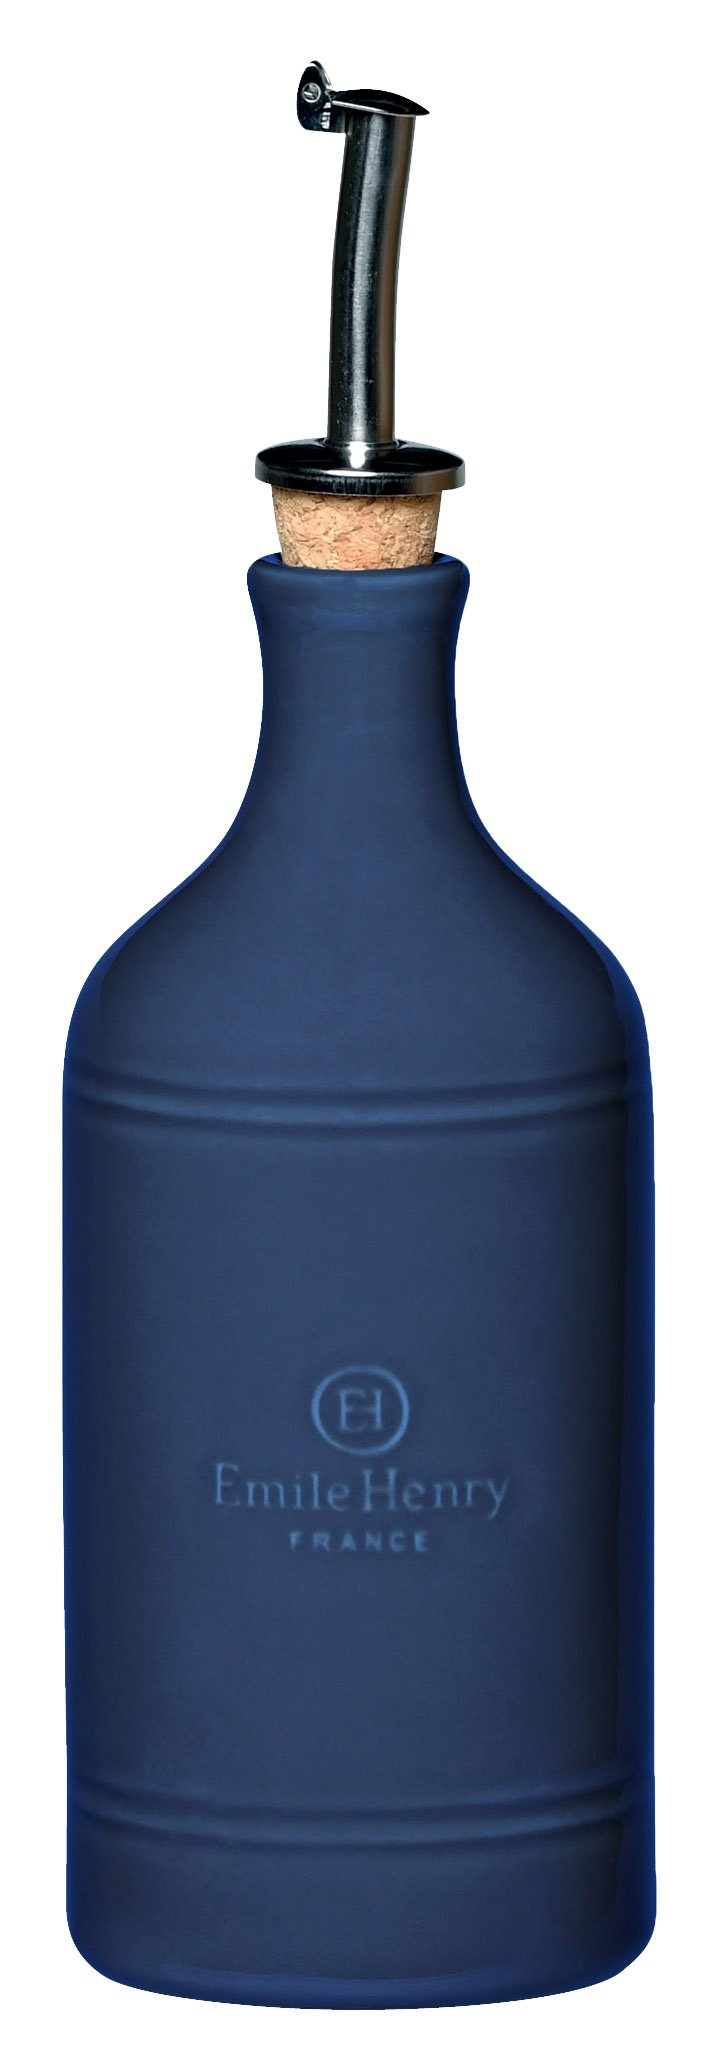 Emile Henry 550215 HR Ceramic Oil Cruet Bottle, Twilight